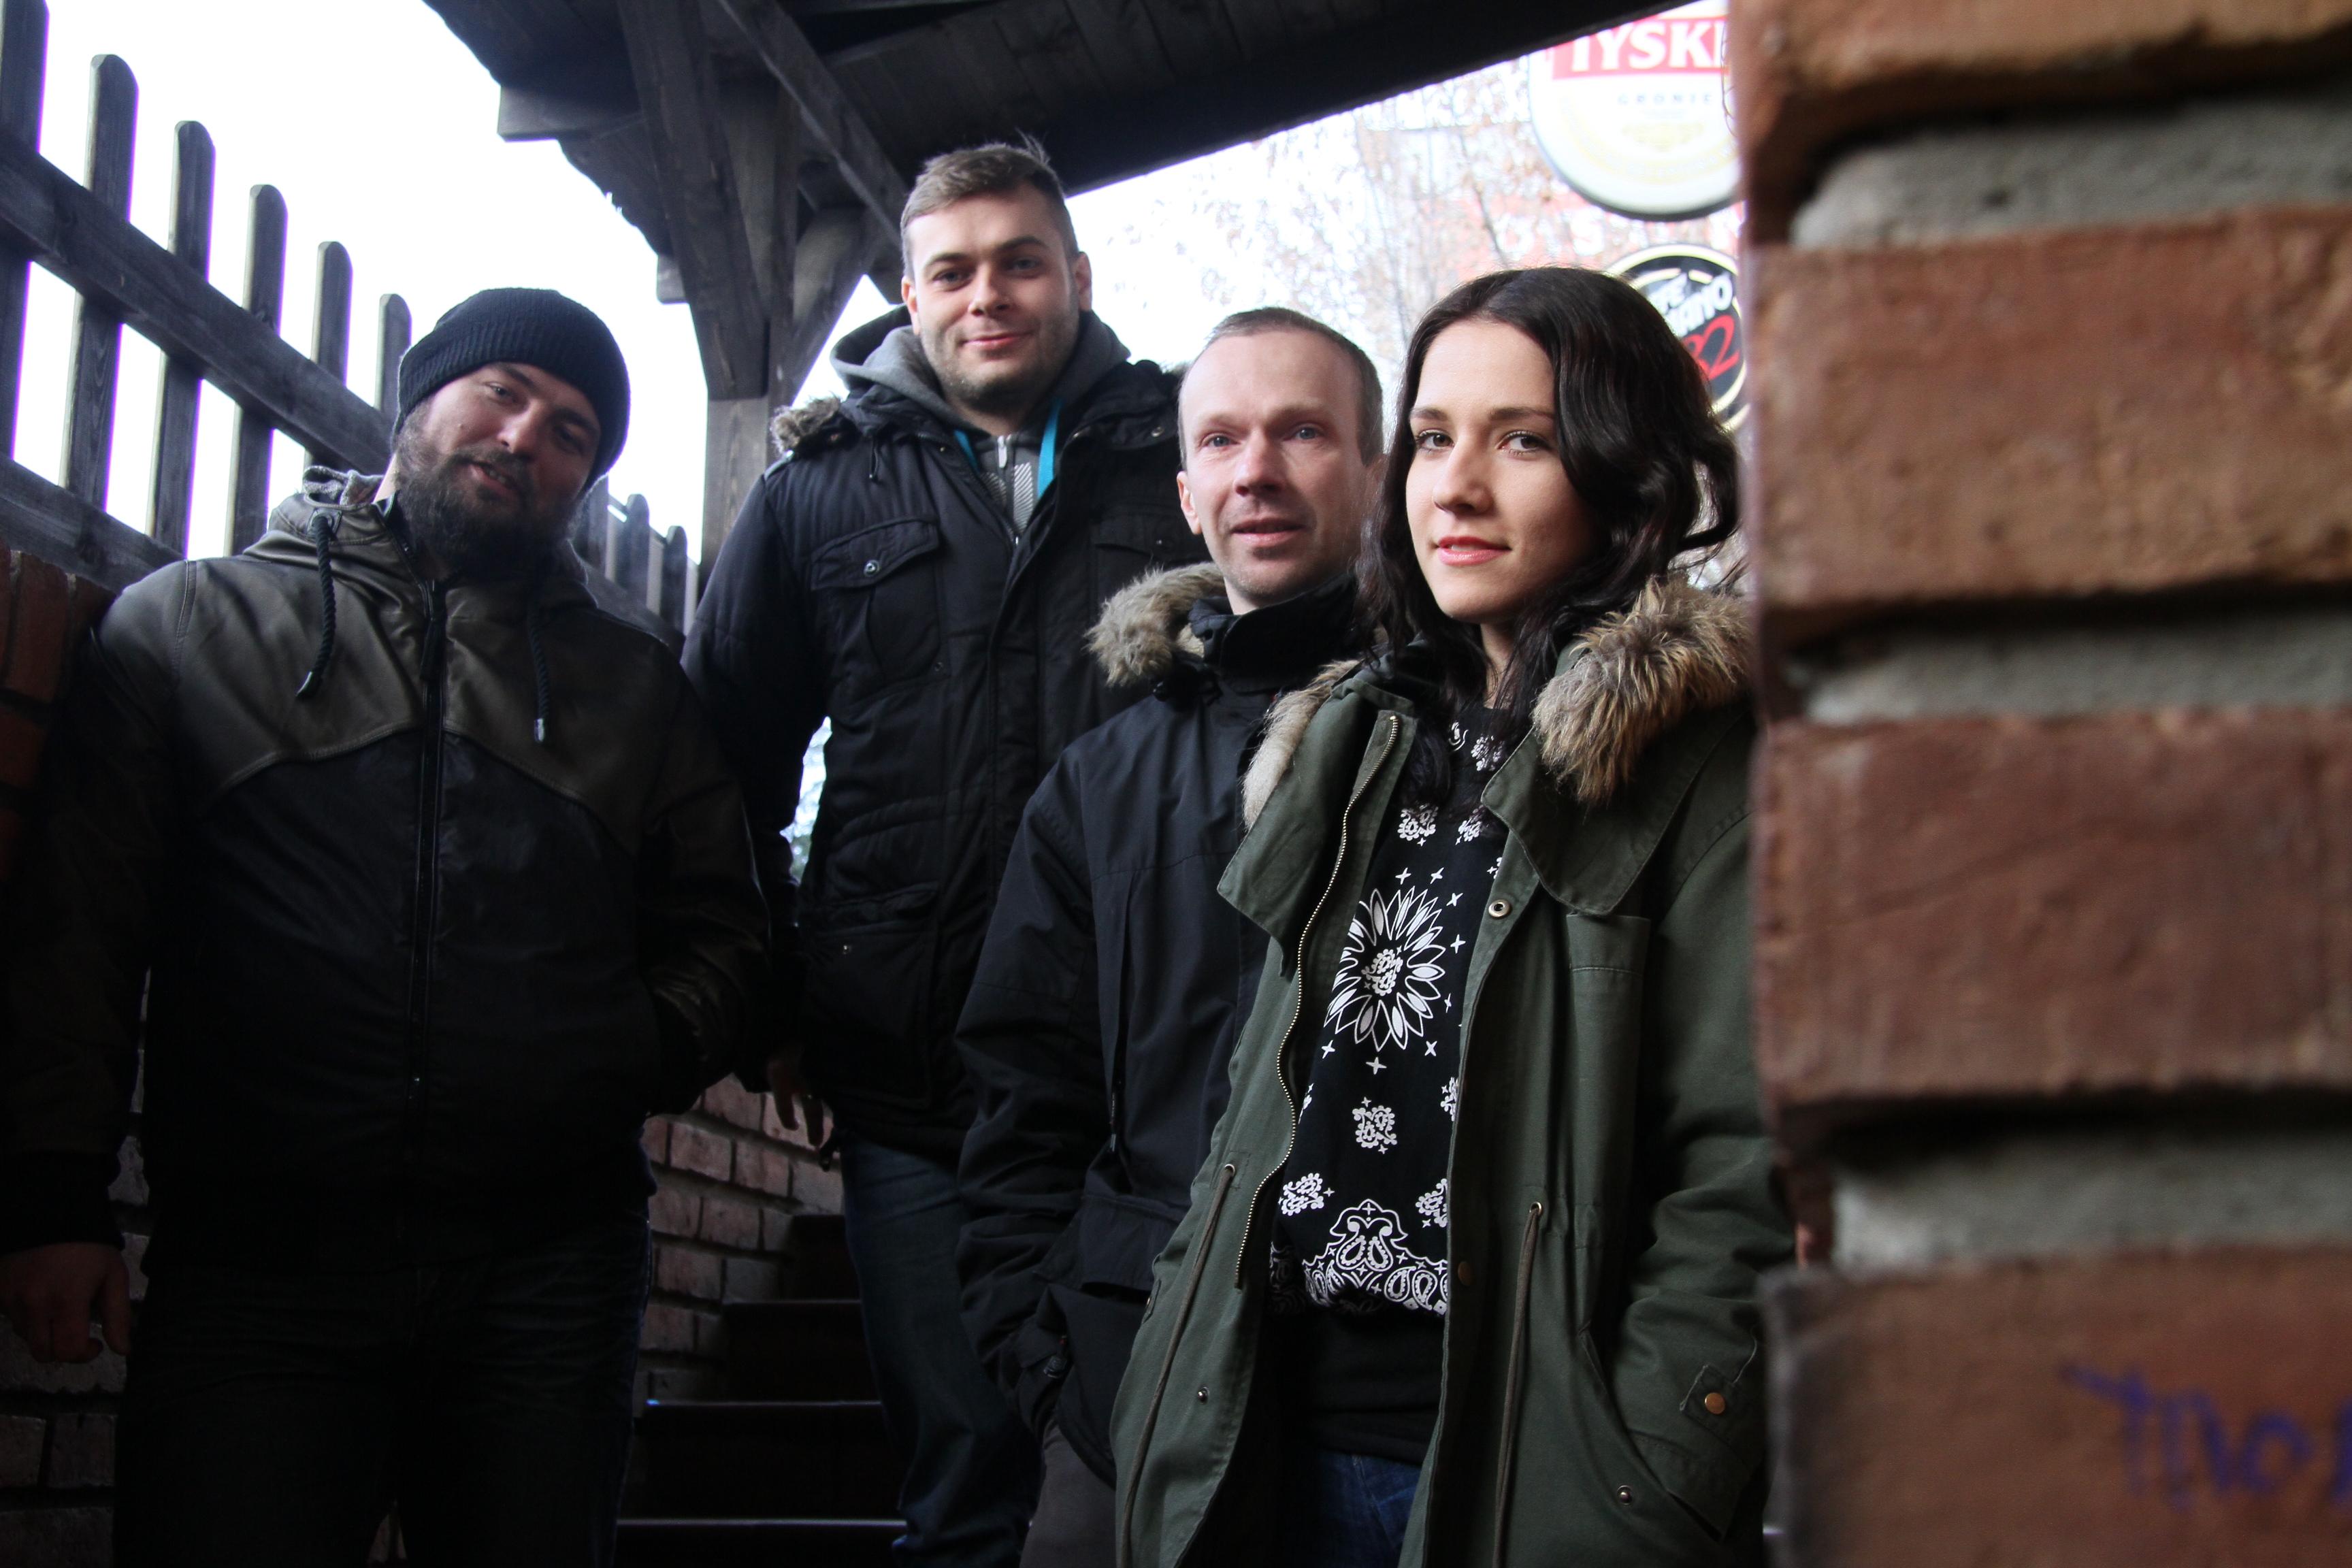 Od lewej: Kamil Butkiewicz, Sławek Rodziewicz, Dawid Skrzypczak, Patrycja Kaźmierczak